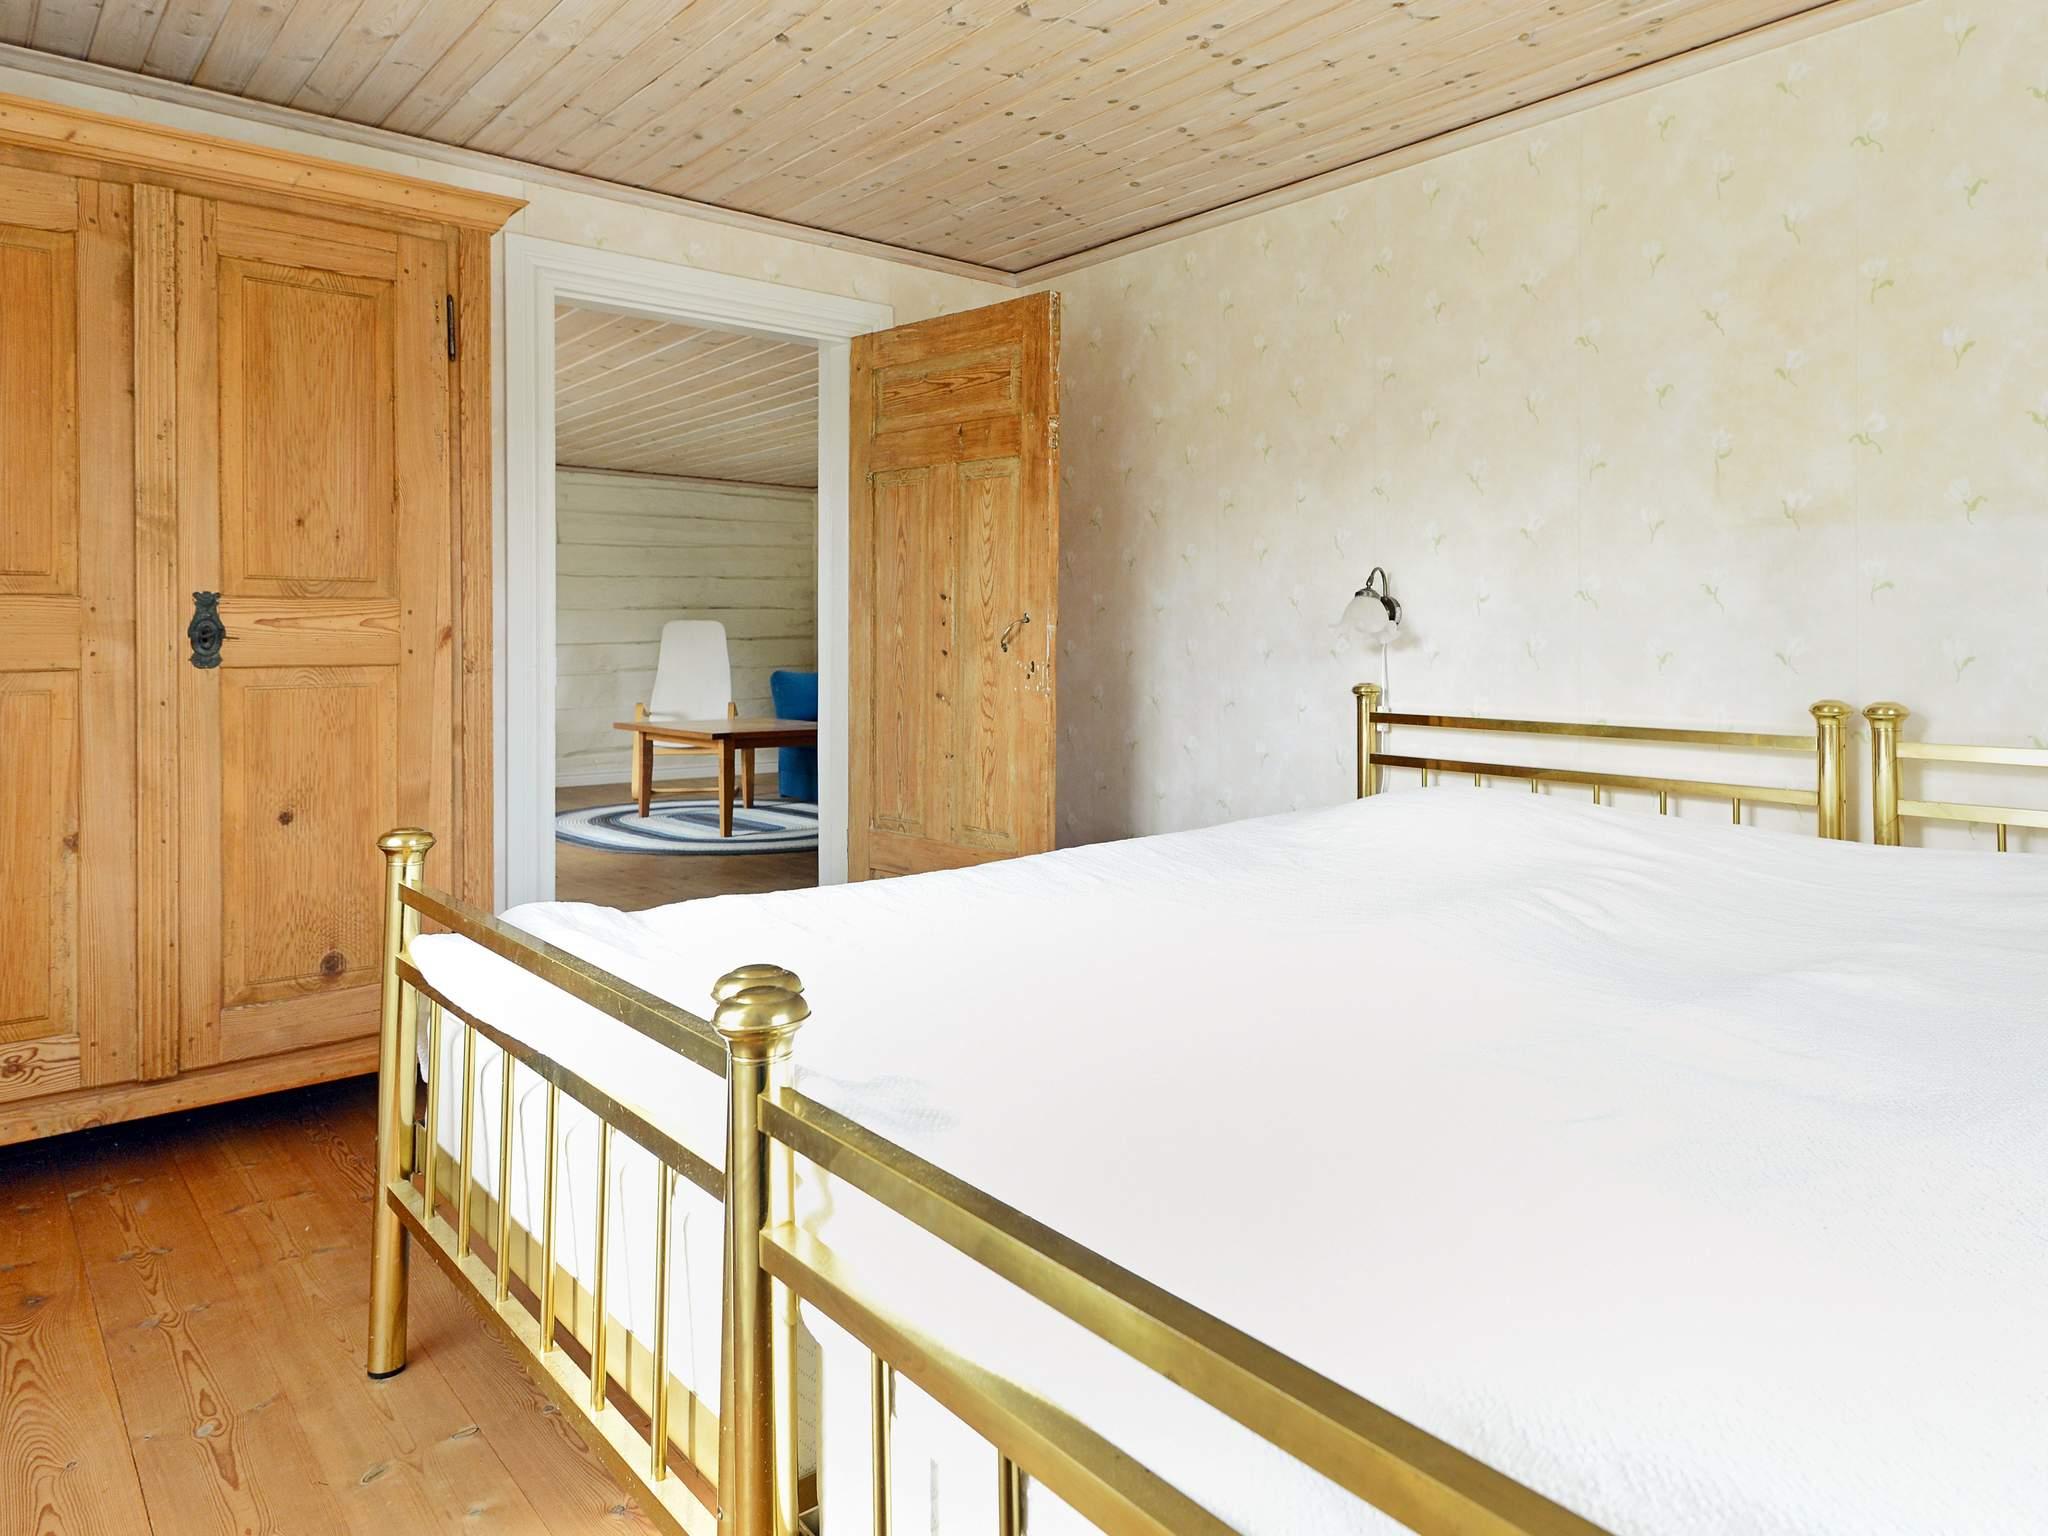 Ferienhaus Strängnäs (93280), Strängnäs, Södermanlands län, Mittelschweden, Schweden, Bild 6